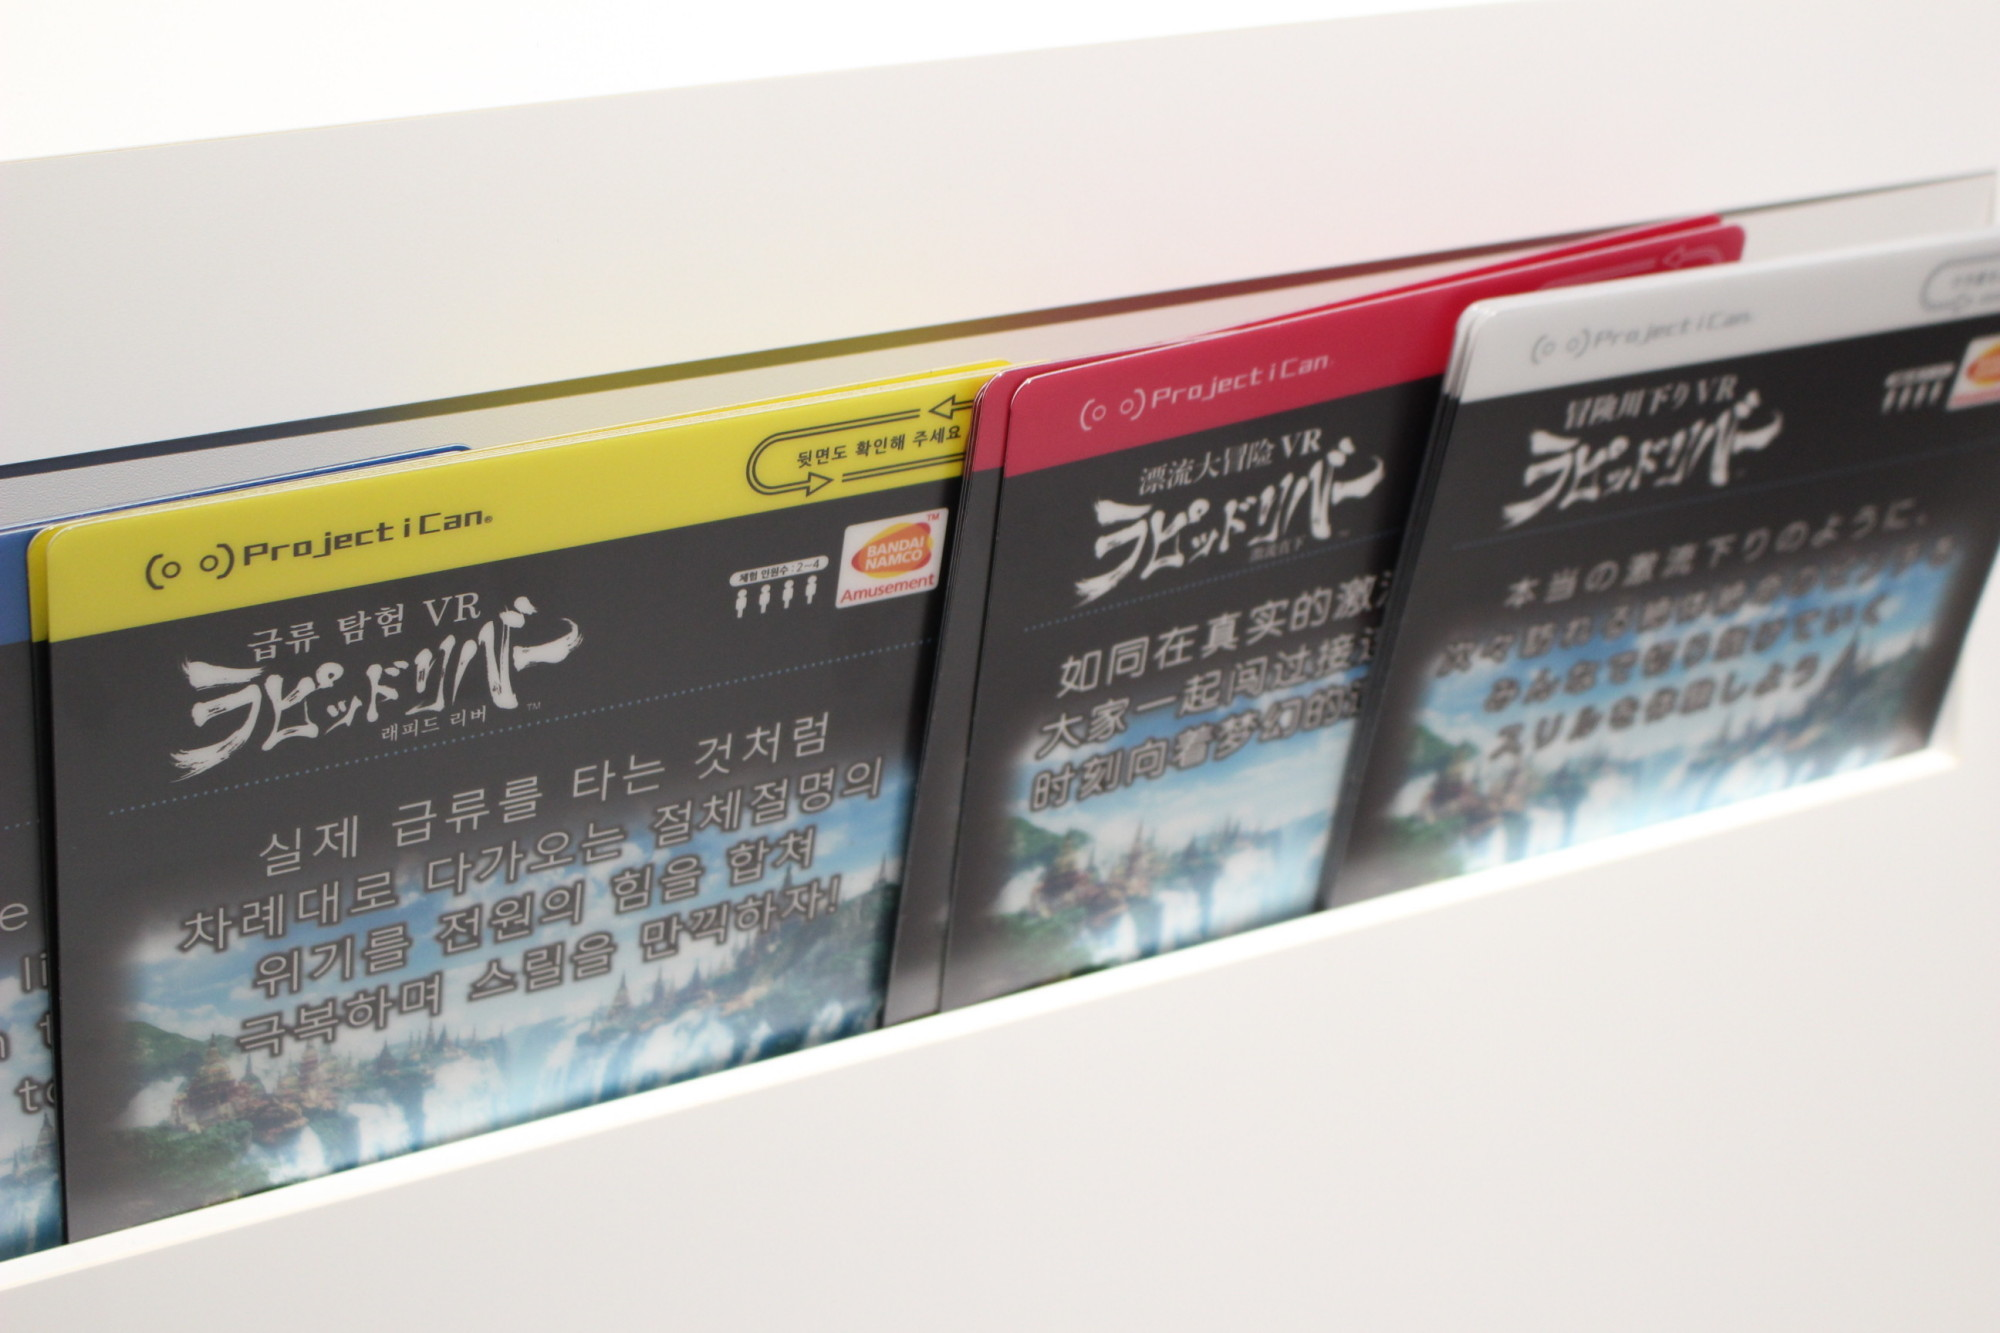 現場有提供中文版的操作說明書